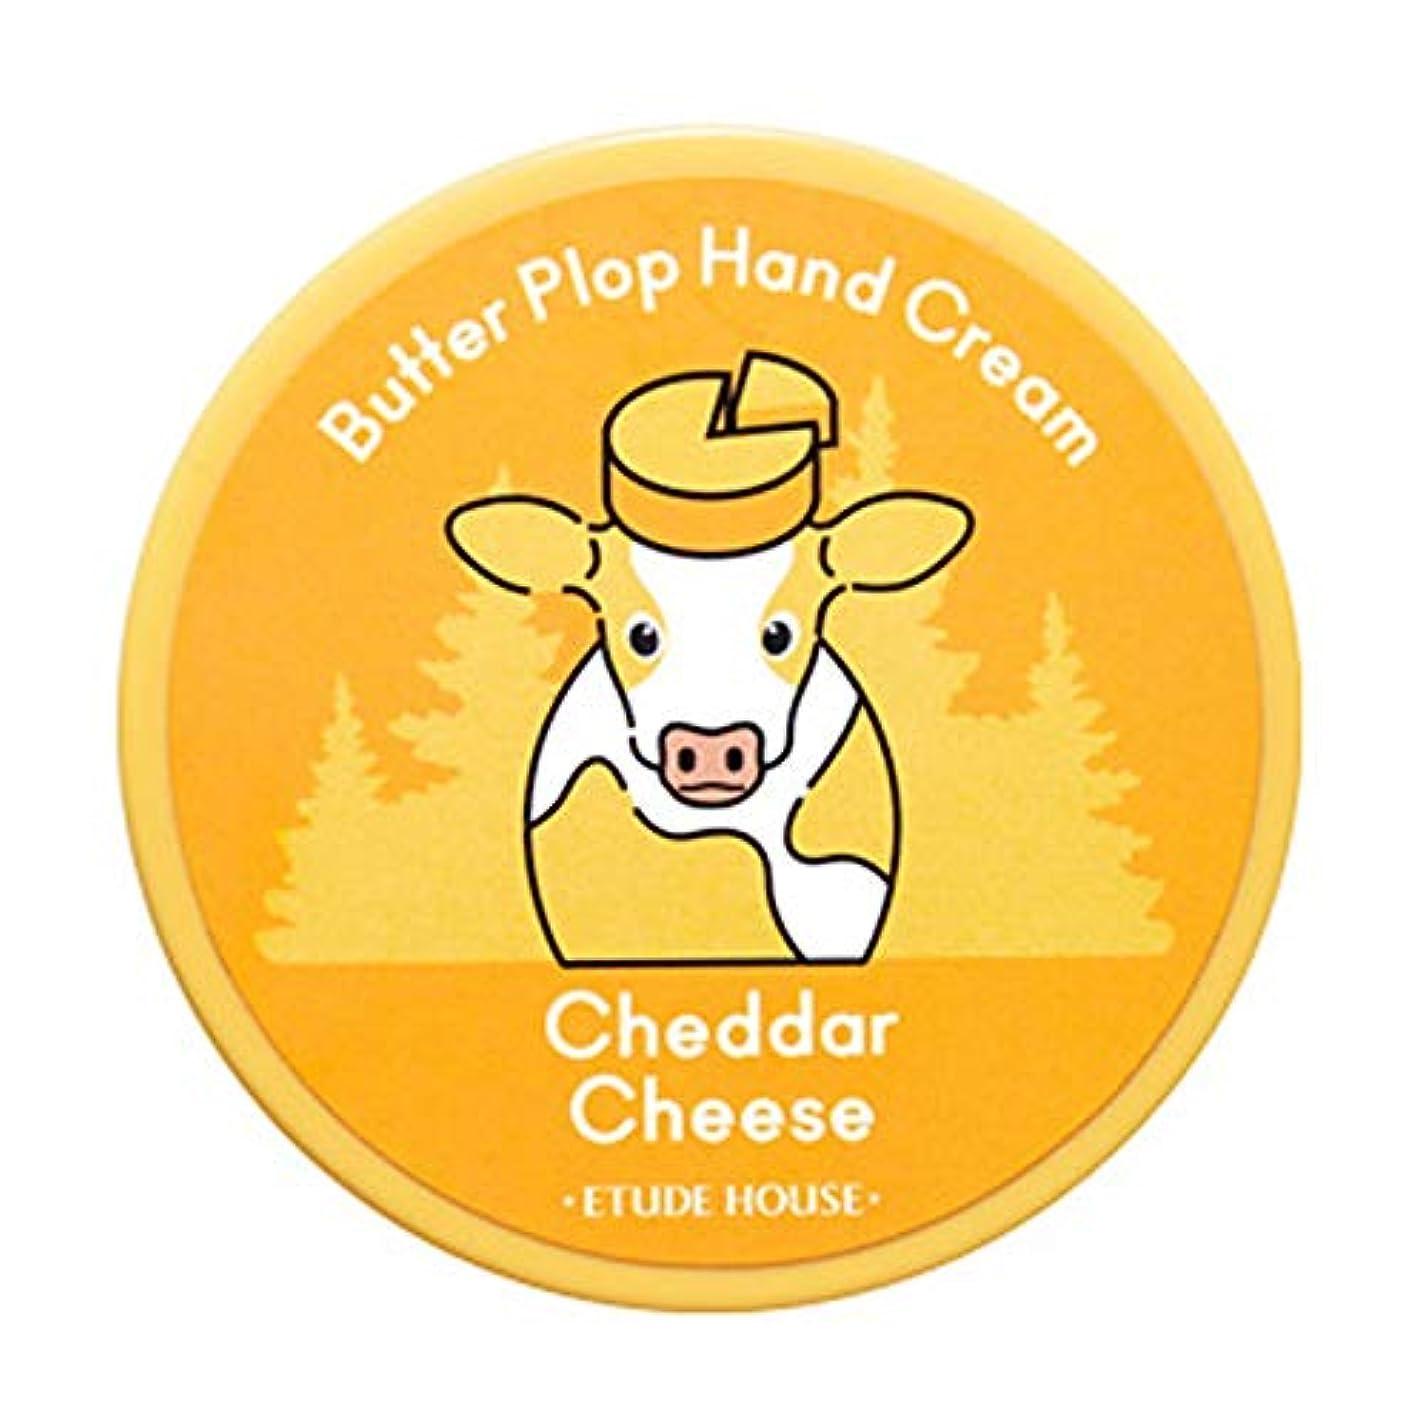 松明切手隔離Etude House Butter Plop Hand Cream 25ml エチュードハウス バターぽちゃんハンドクリーム (#04 Cheddar Cheese) [並行輸入品]